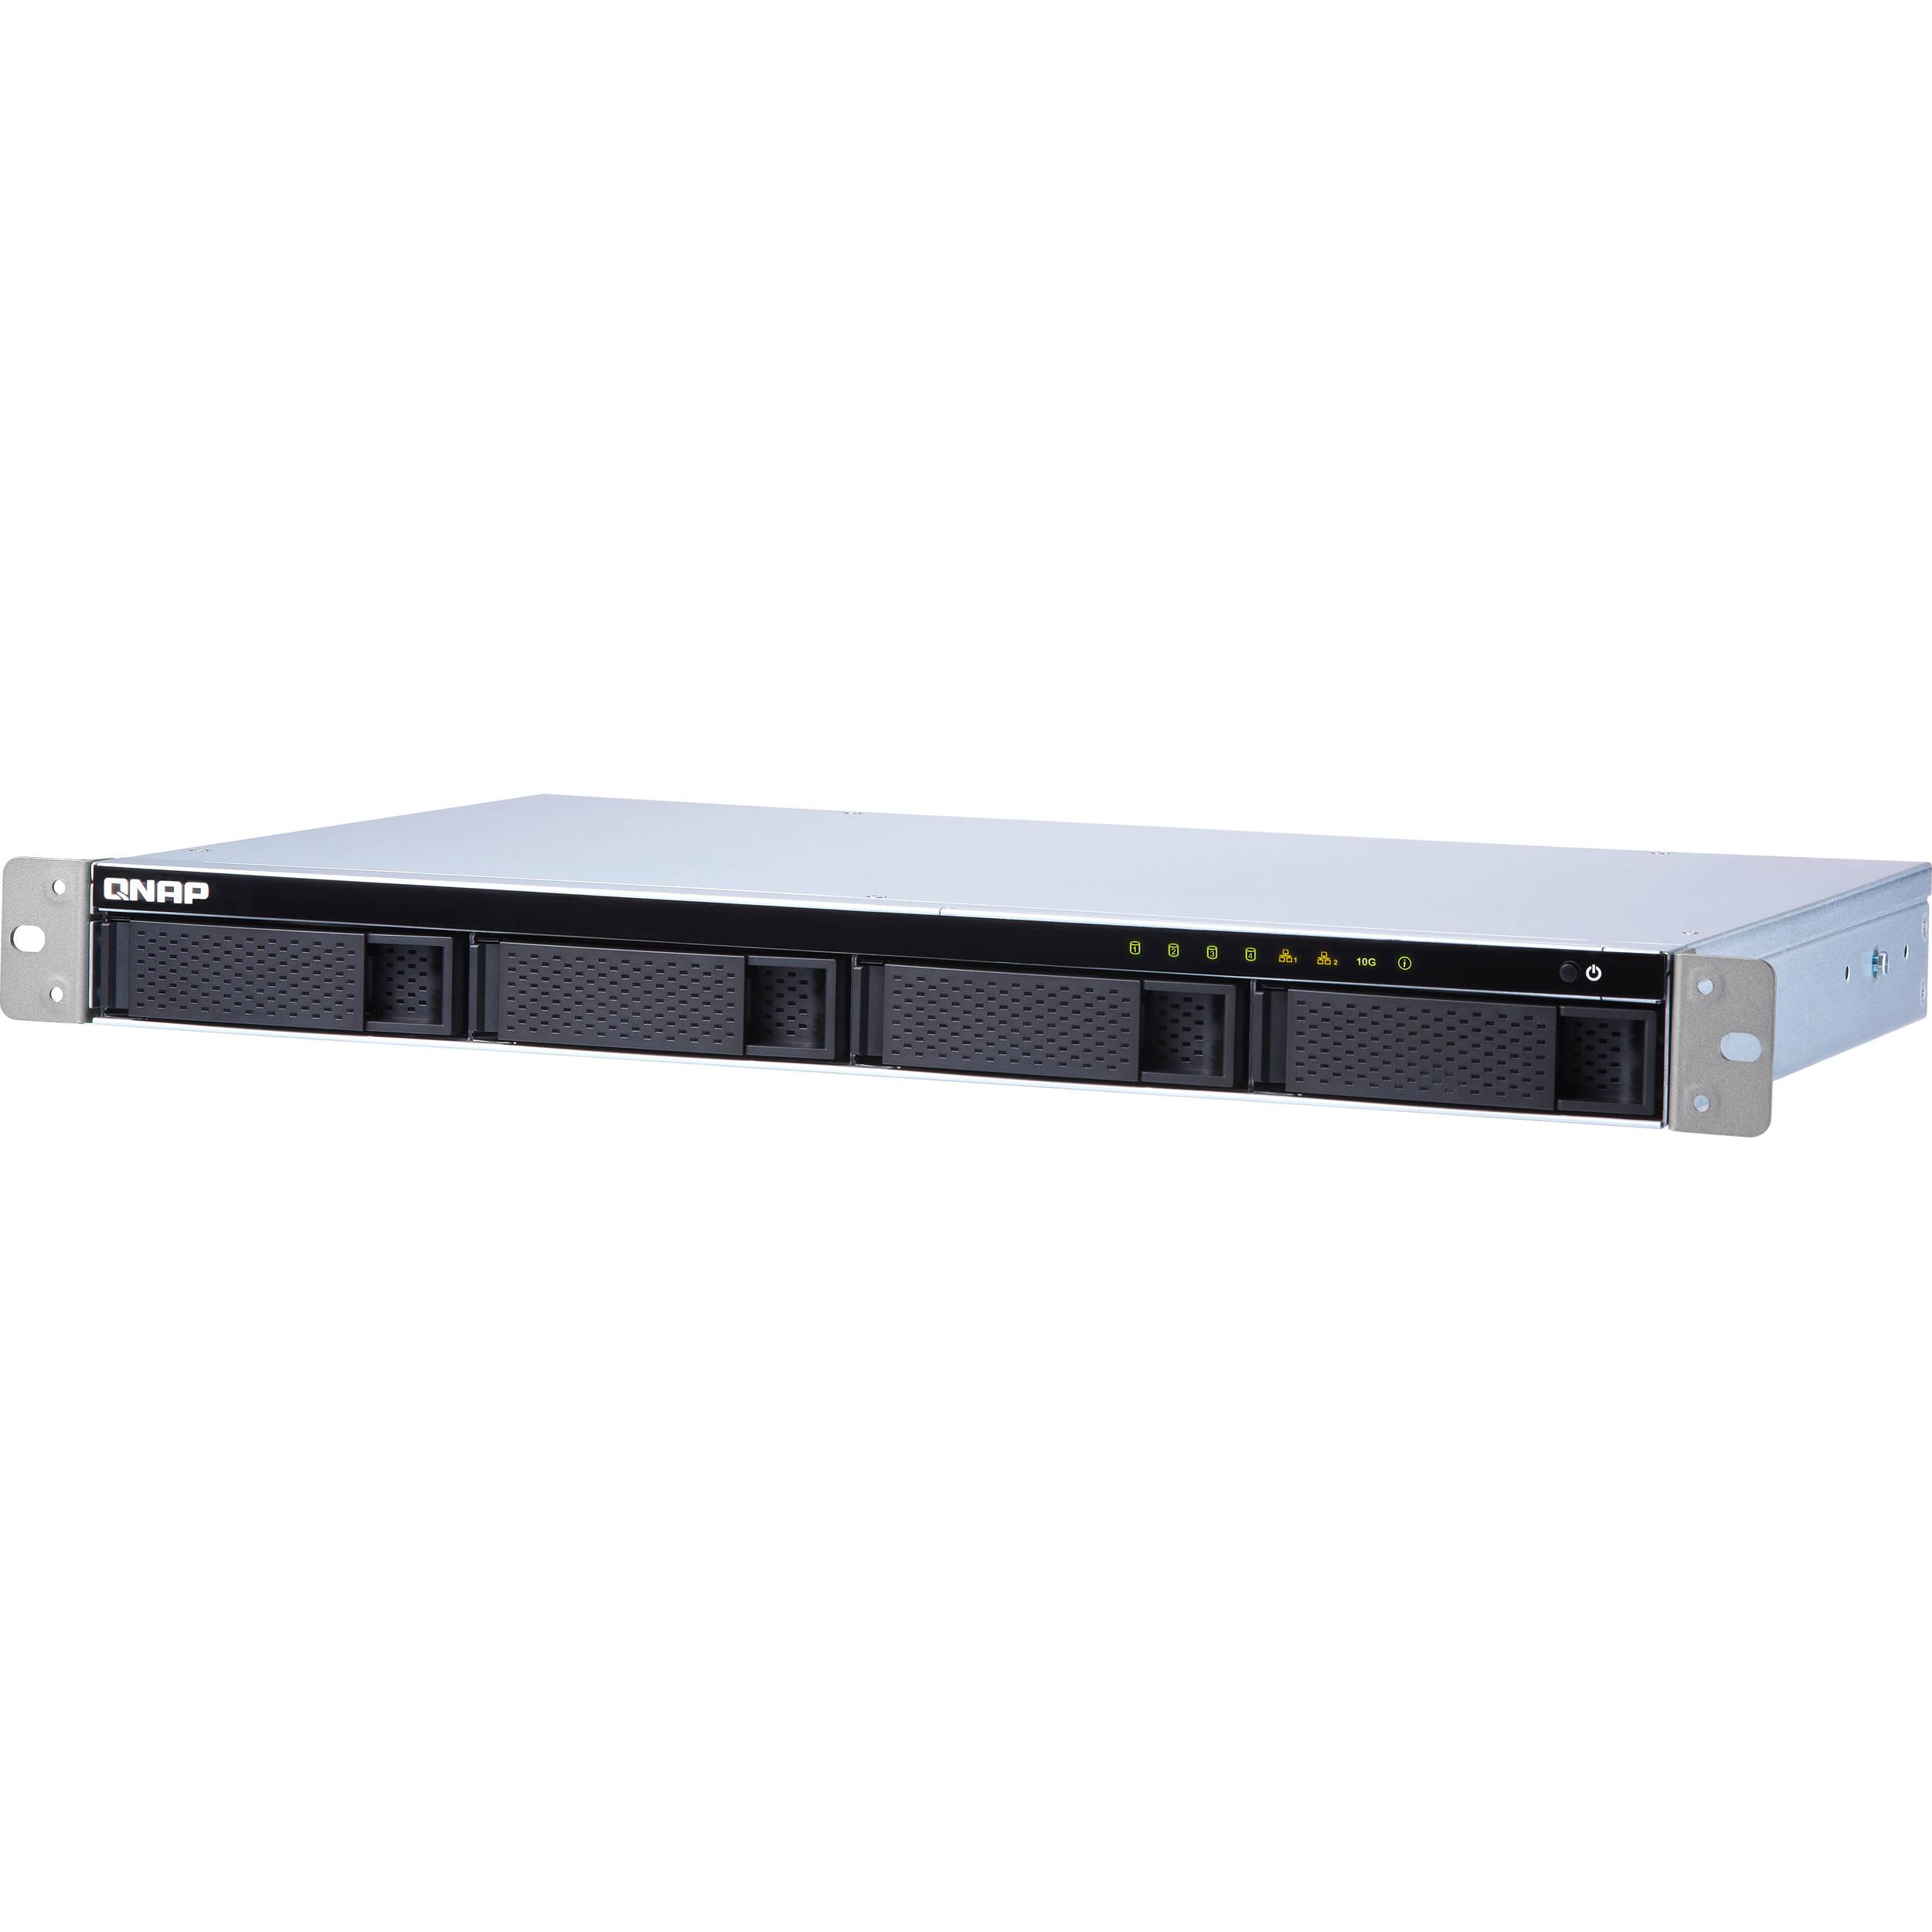 QNAP TS-431XeU 4-Bay NAS Enclosure